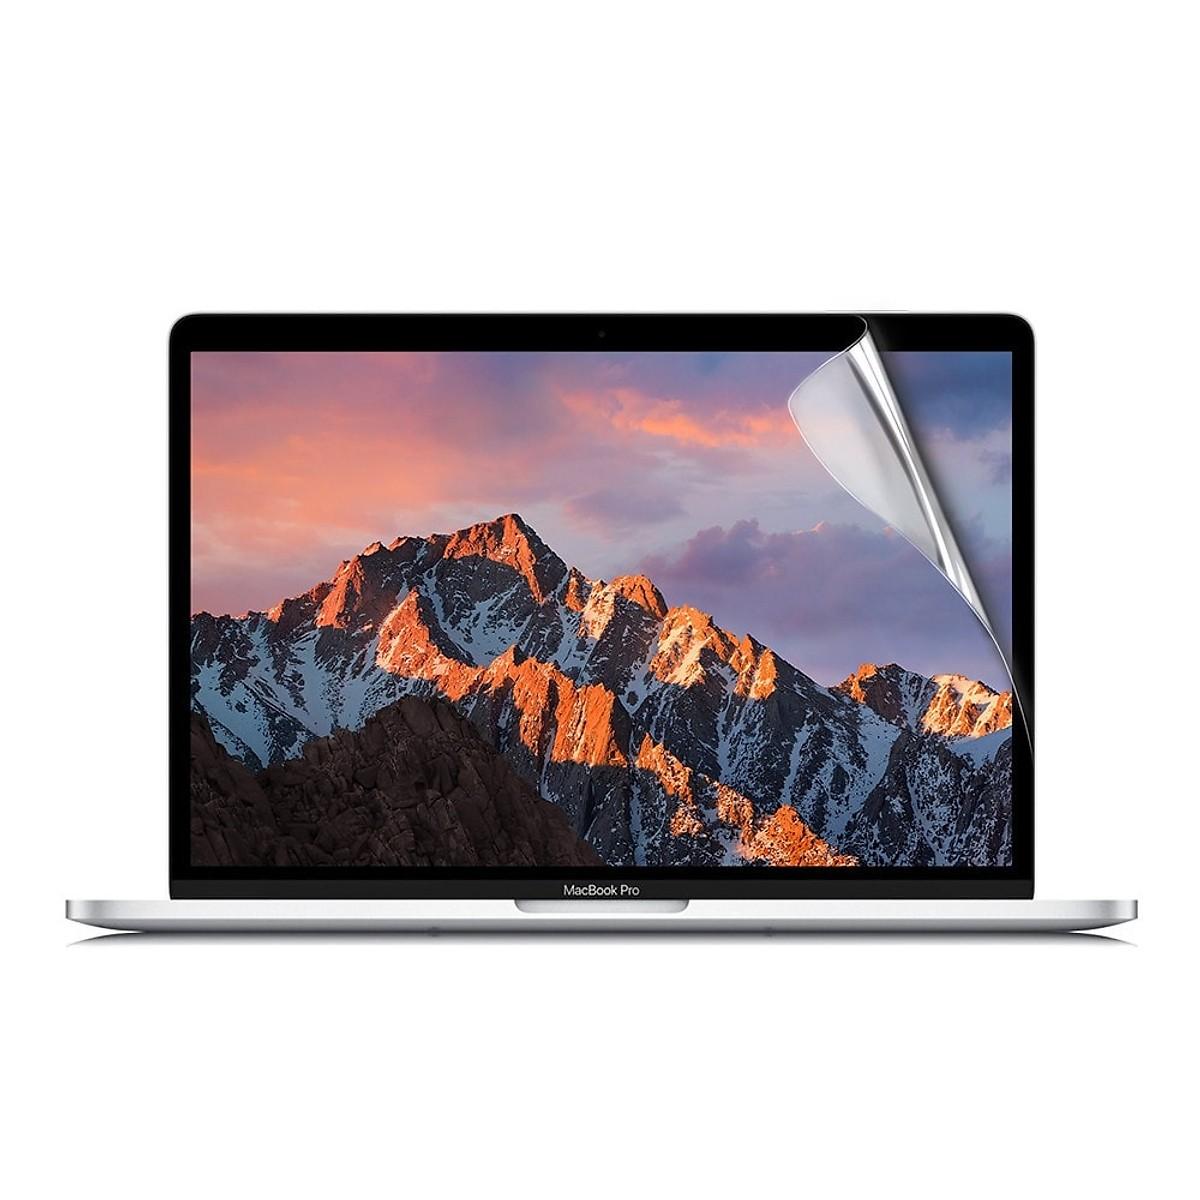 Bộ dán Full JRC 5in1 bảo vệ cho Macbook Pro 16'' 2019 (A2141) - Hàng nhập khẩu